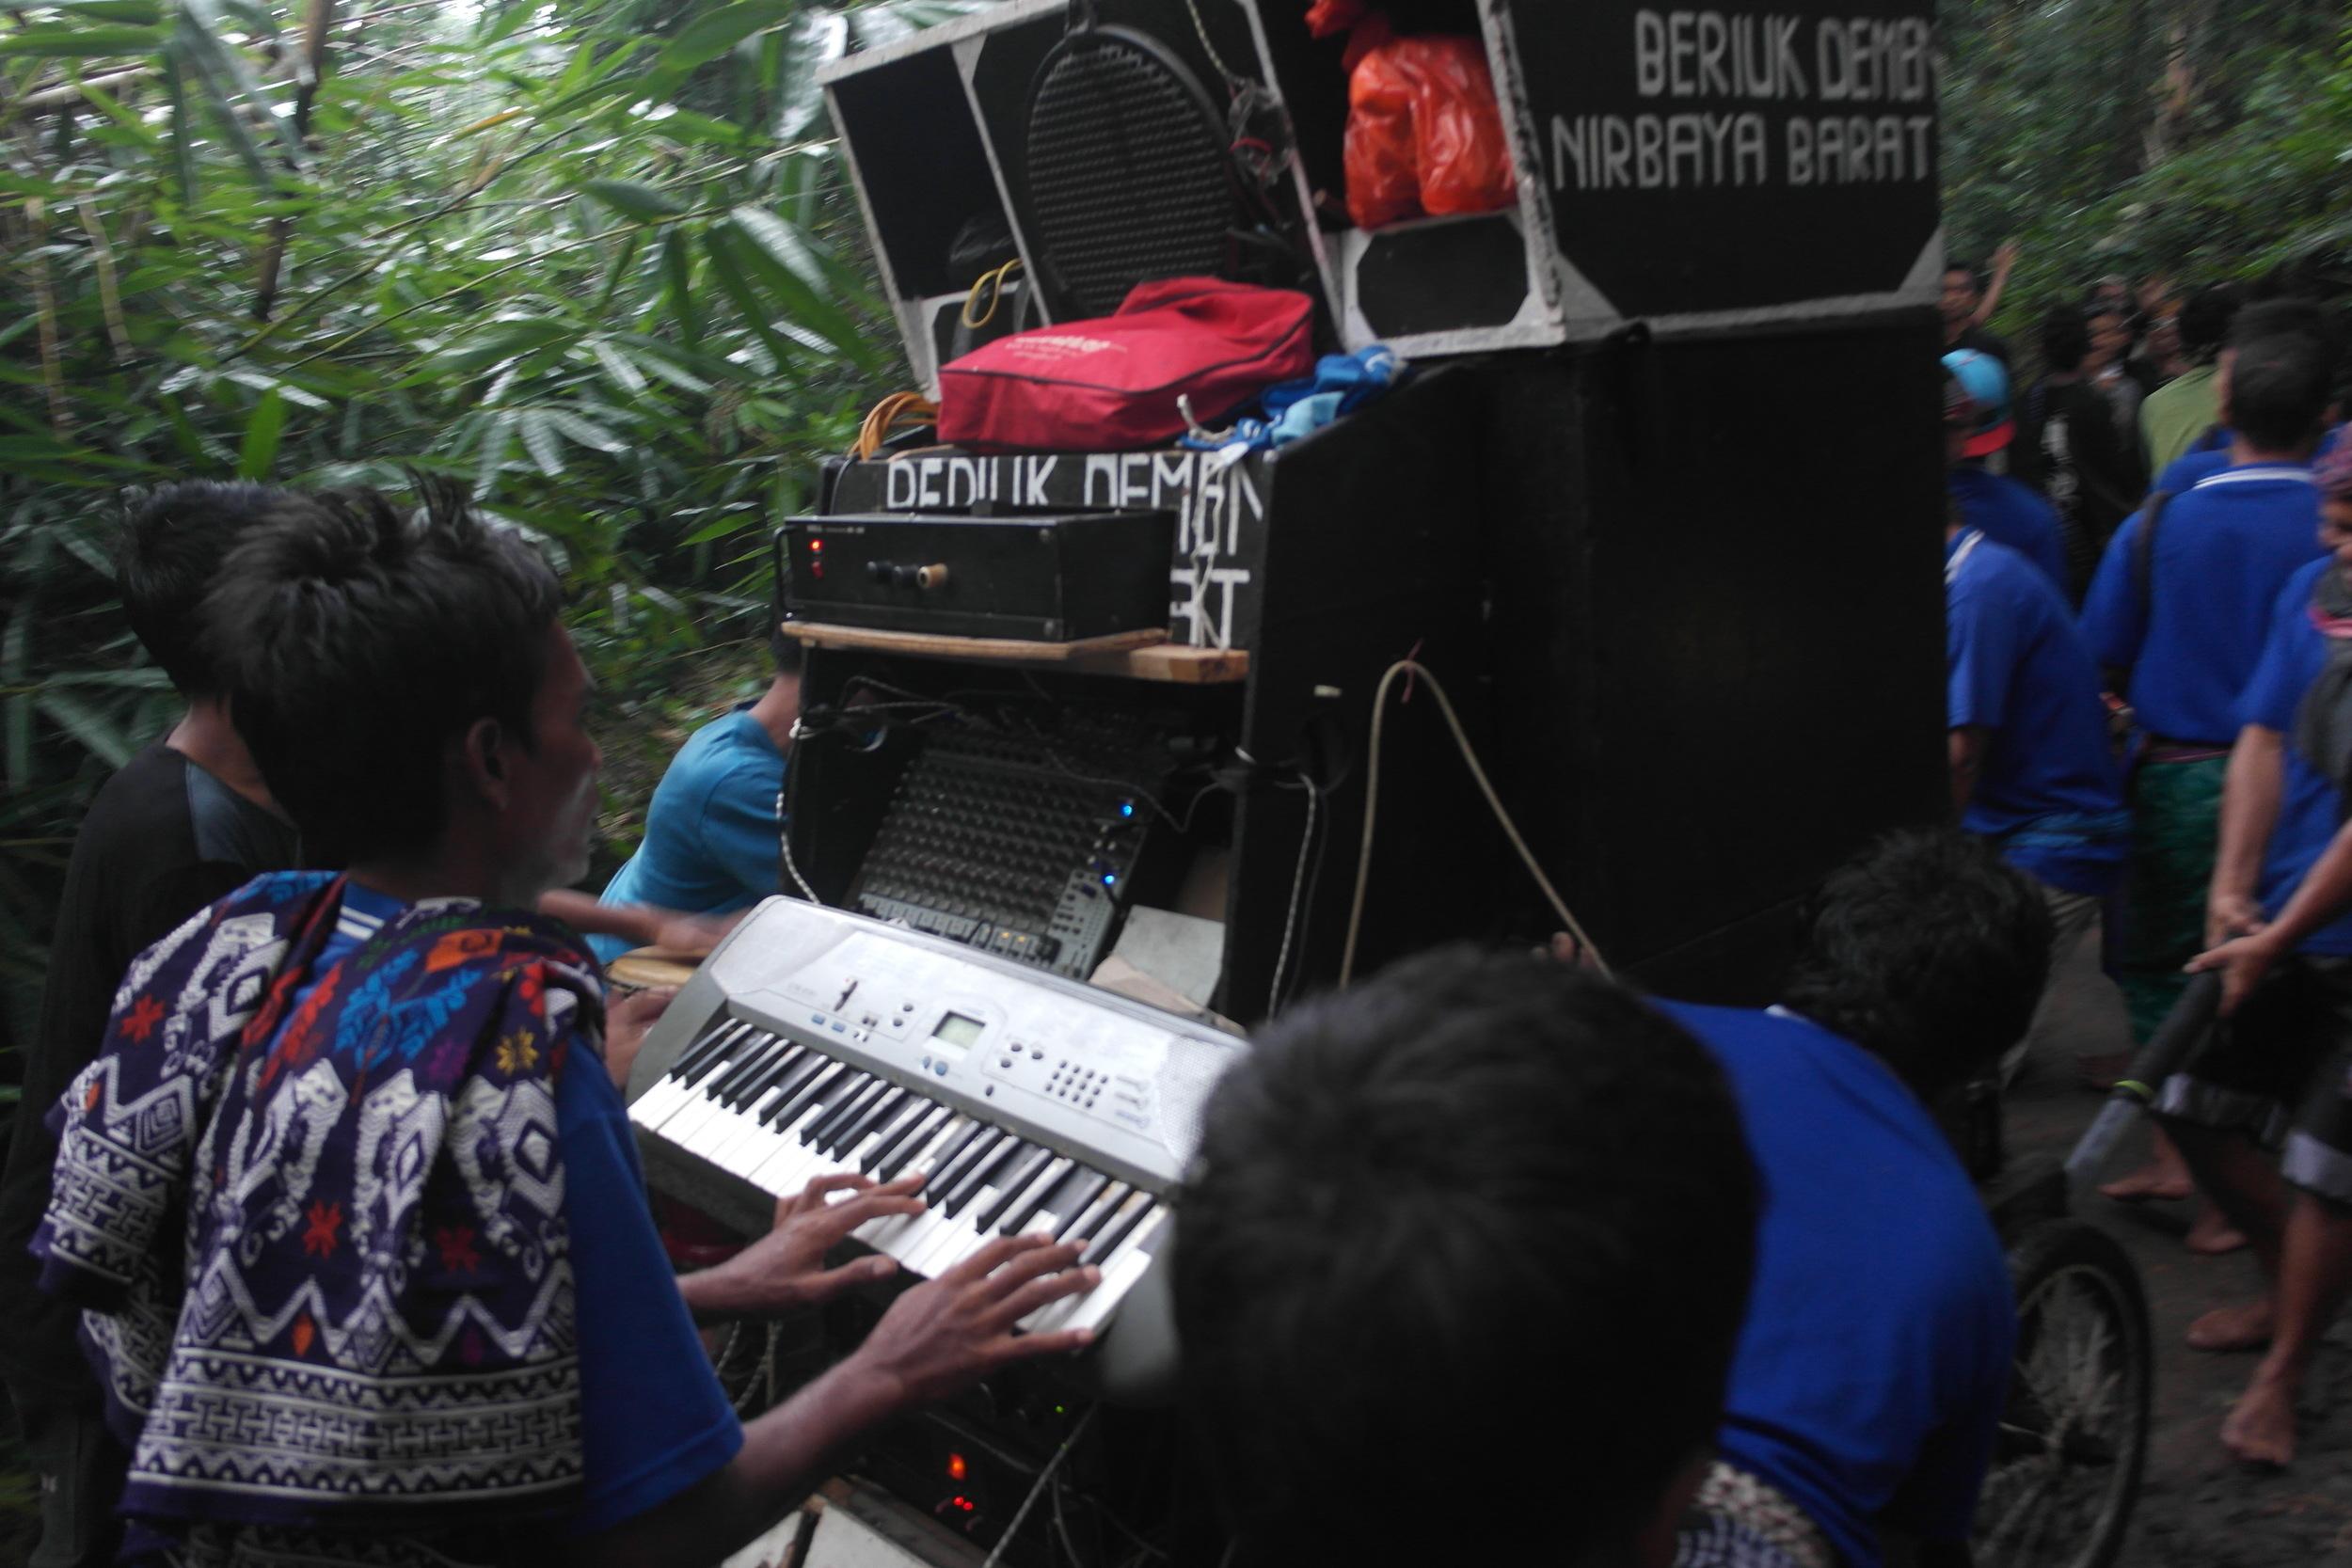 The mobile soundsystem of Lombok-style dangdut jalanan.